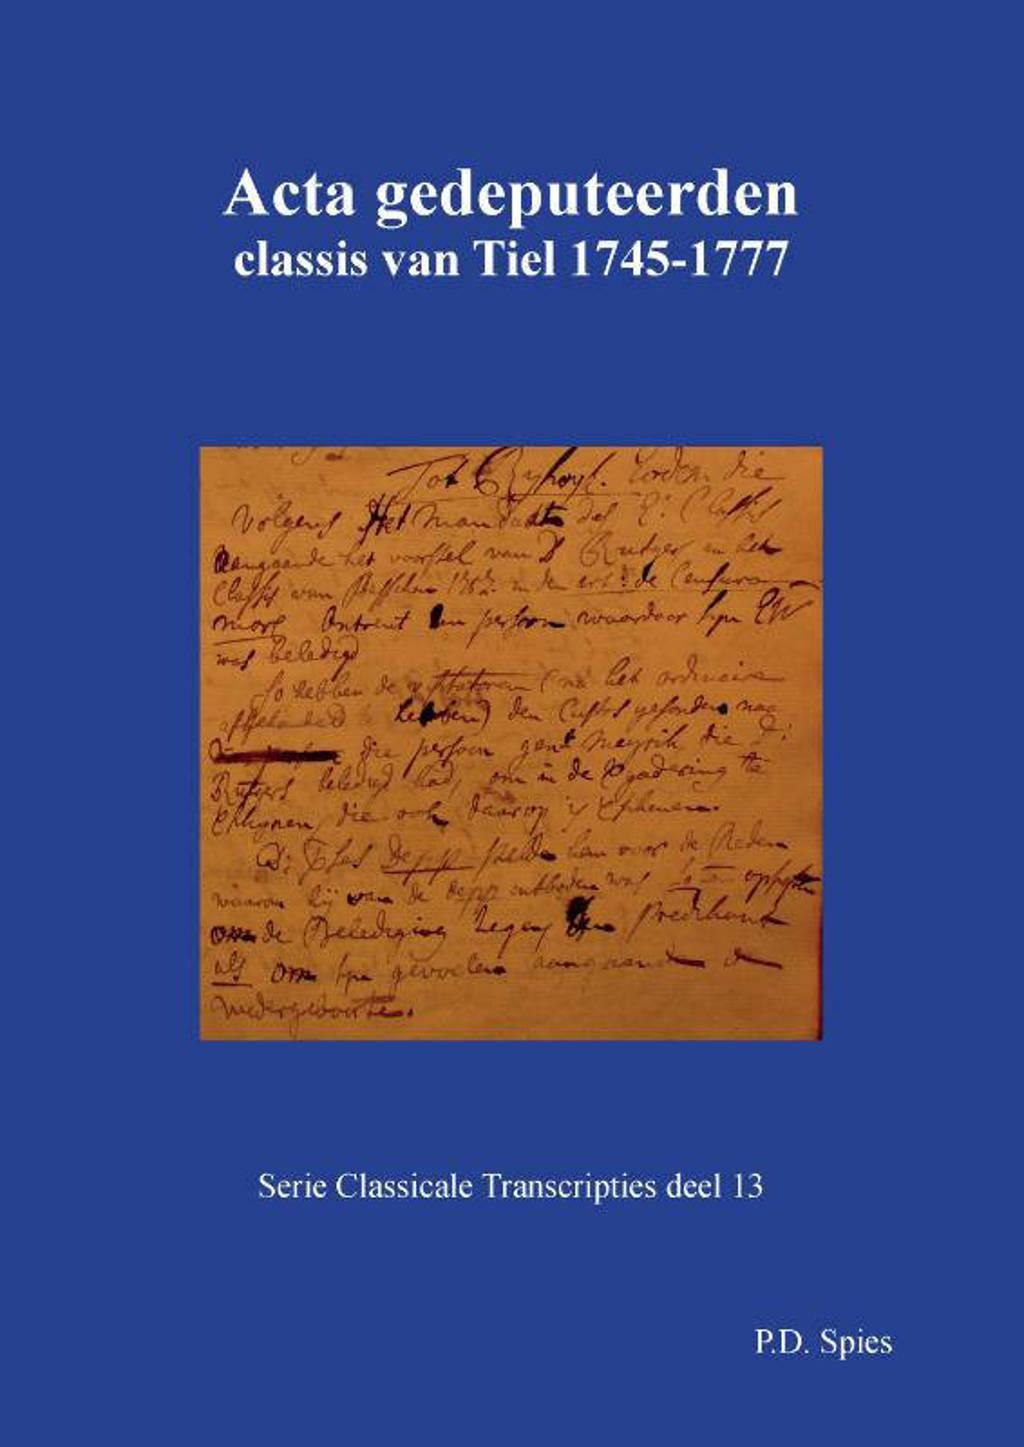 Serie Classicale Transcripties: Acta gedeputeerden classis van Tiel 1745-1777 - P.D. Spies